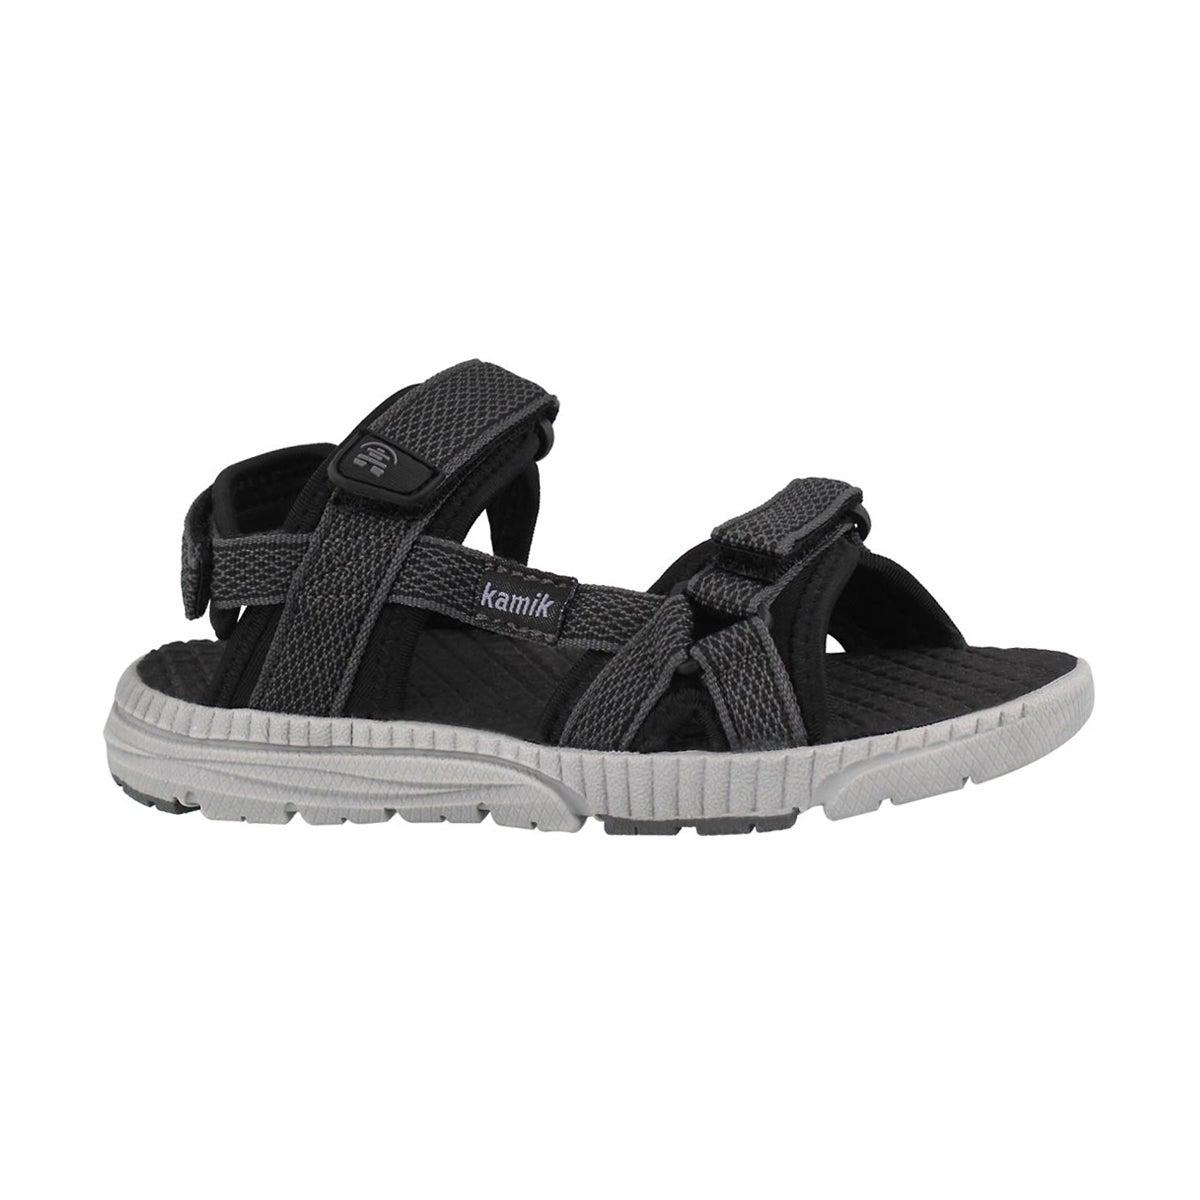 Bys Match black 3 strap sandal